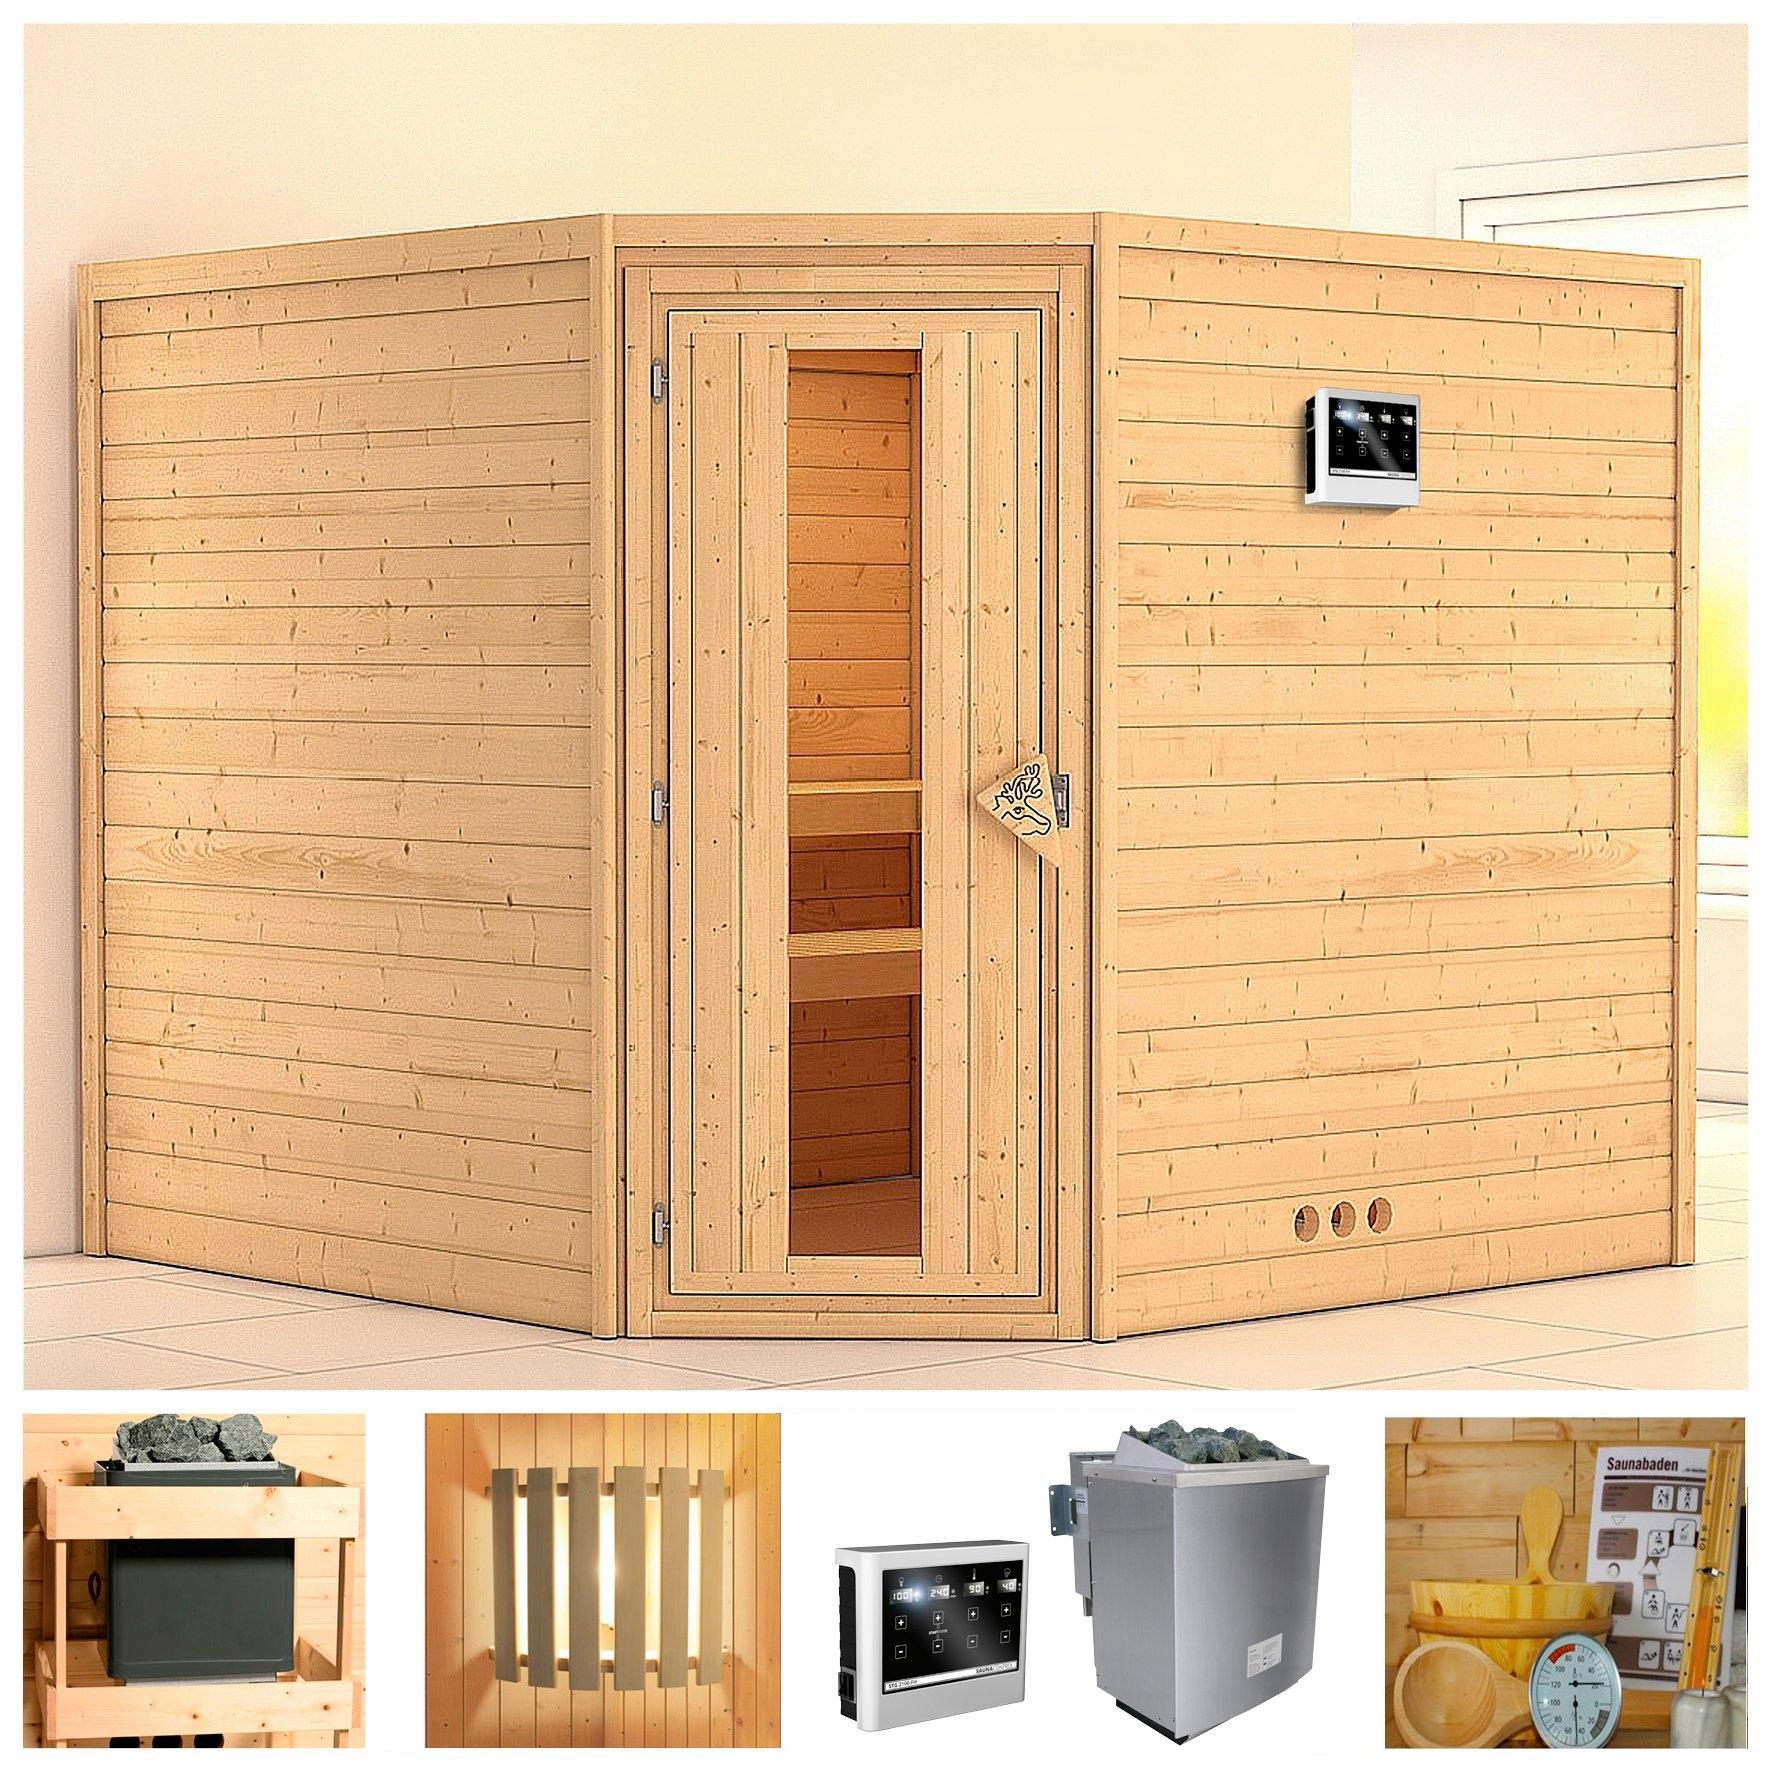 KONIFERA sauna »Leona«, 231/231/200 cm, 9-kW-Bio-Ofen mit ext. Strg., Holztür bestellen: 30 dagen bedenktijd